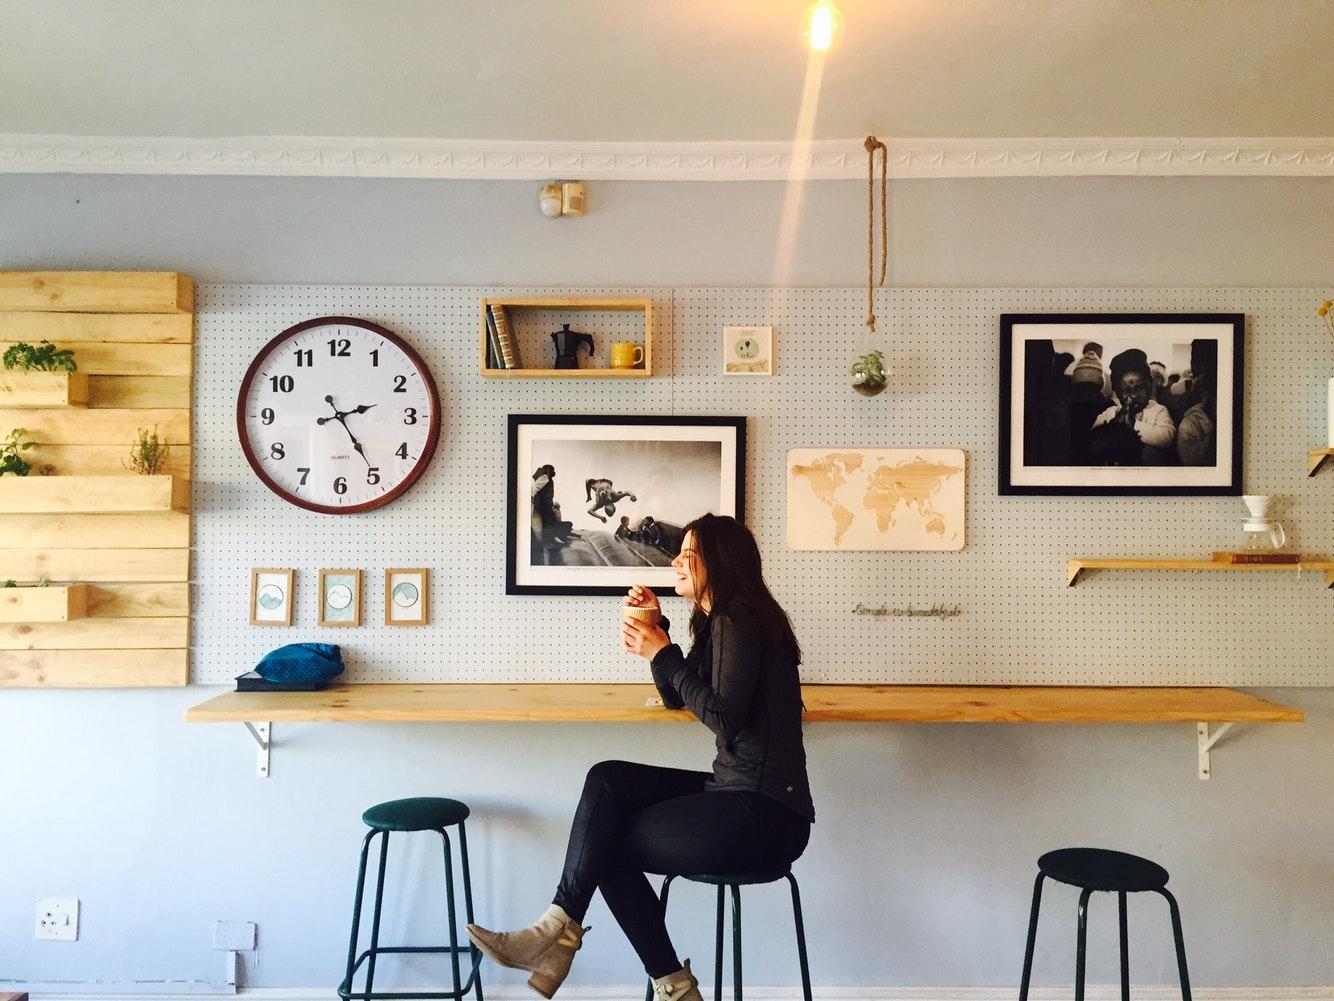 Œuvre d'art contemporain : à exposer à l'intérieur ou en extérieur ?